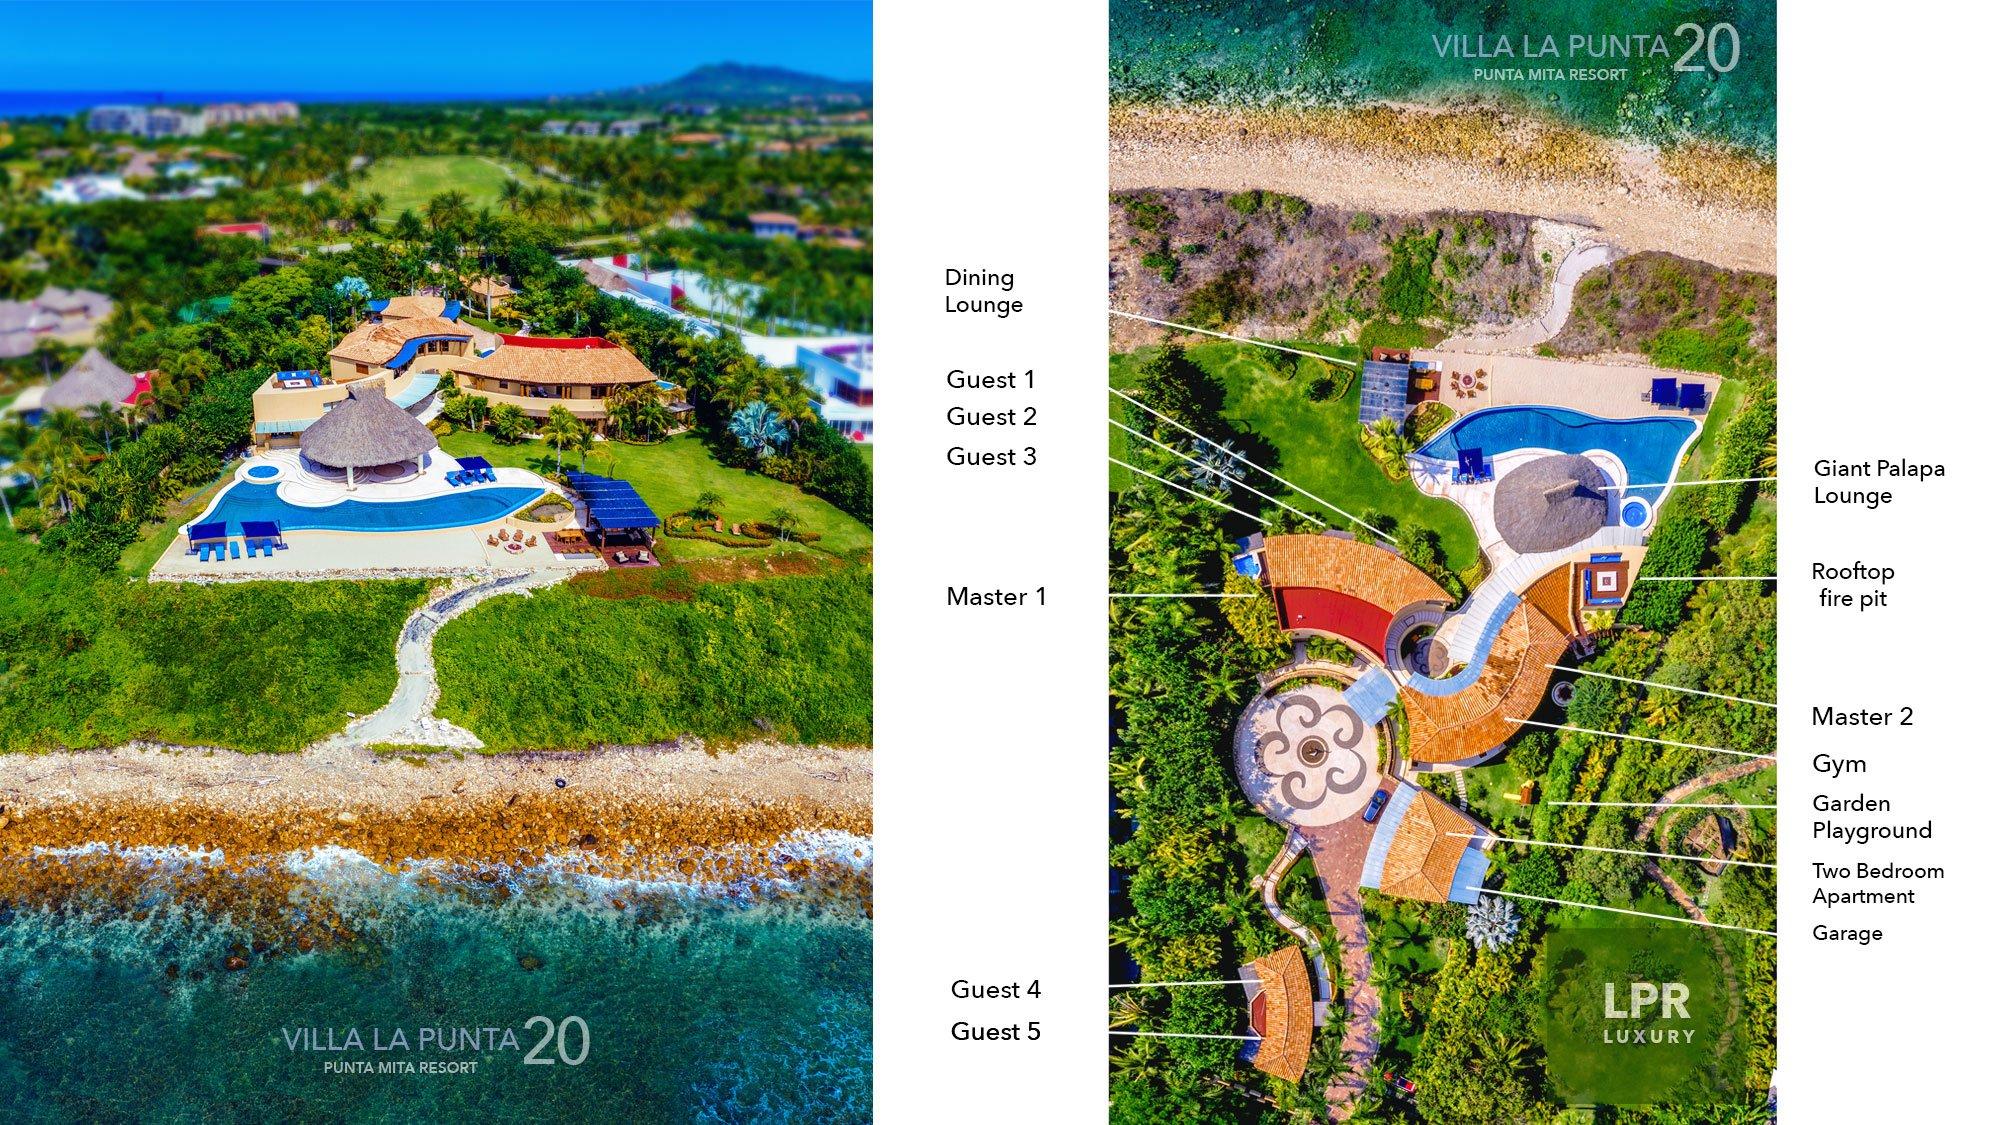 Villa La Punta 20 at the Punta Mita Resort, Riviera Nayarit, Mexico